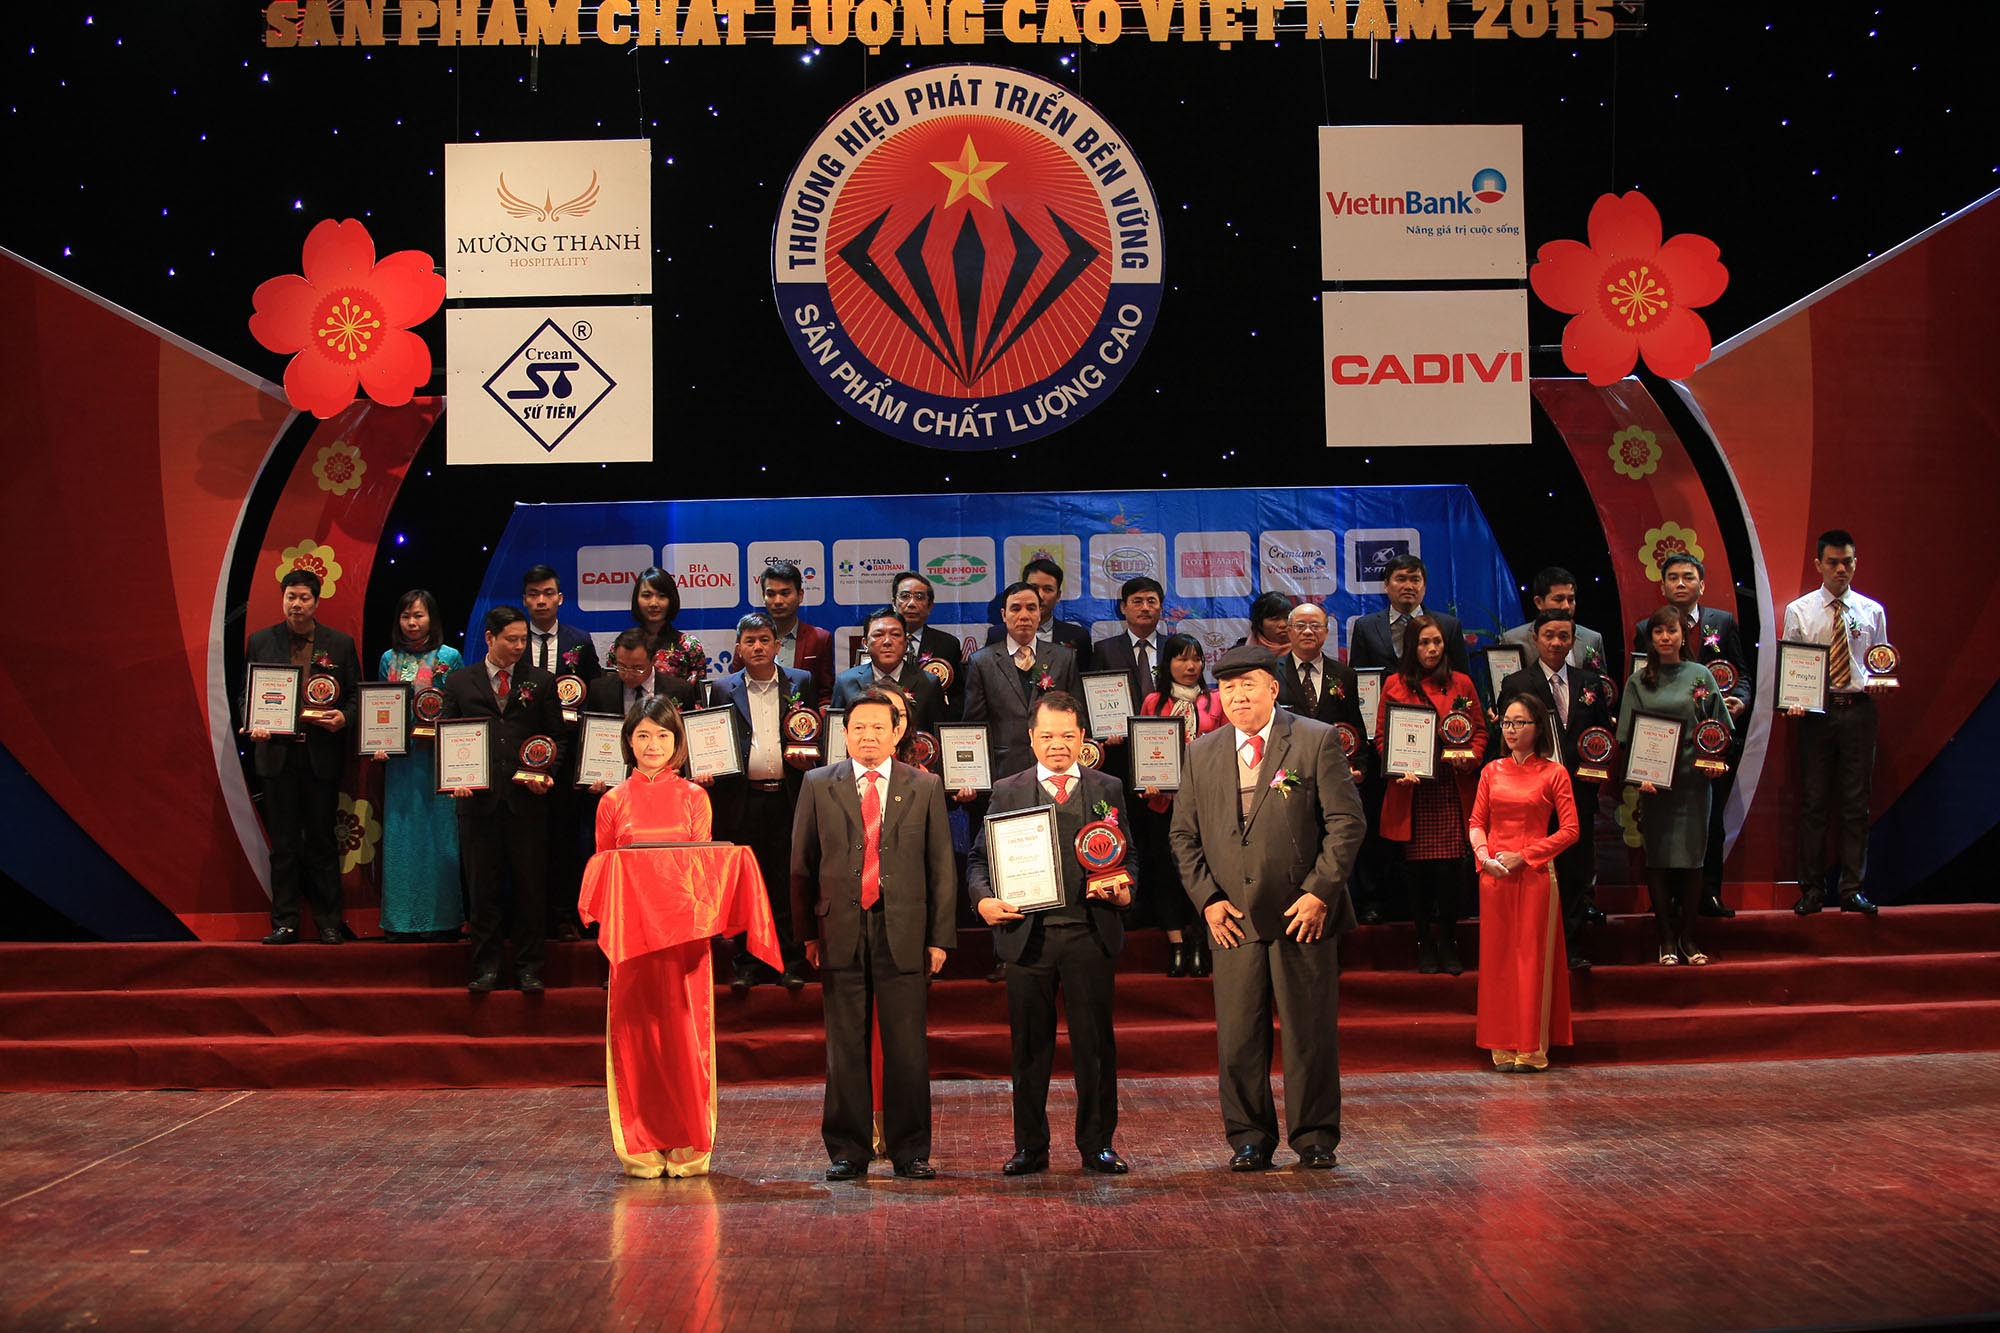 Đại diện thương hiệu ATZ Healthy Life nhận giải